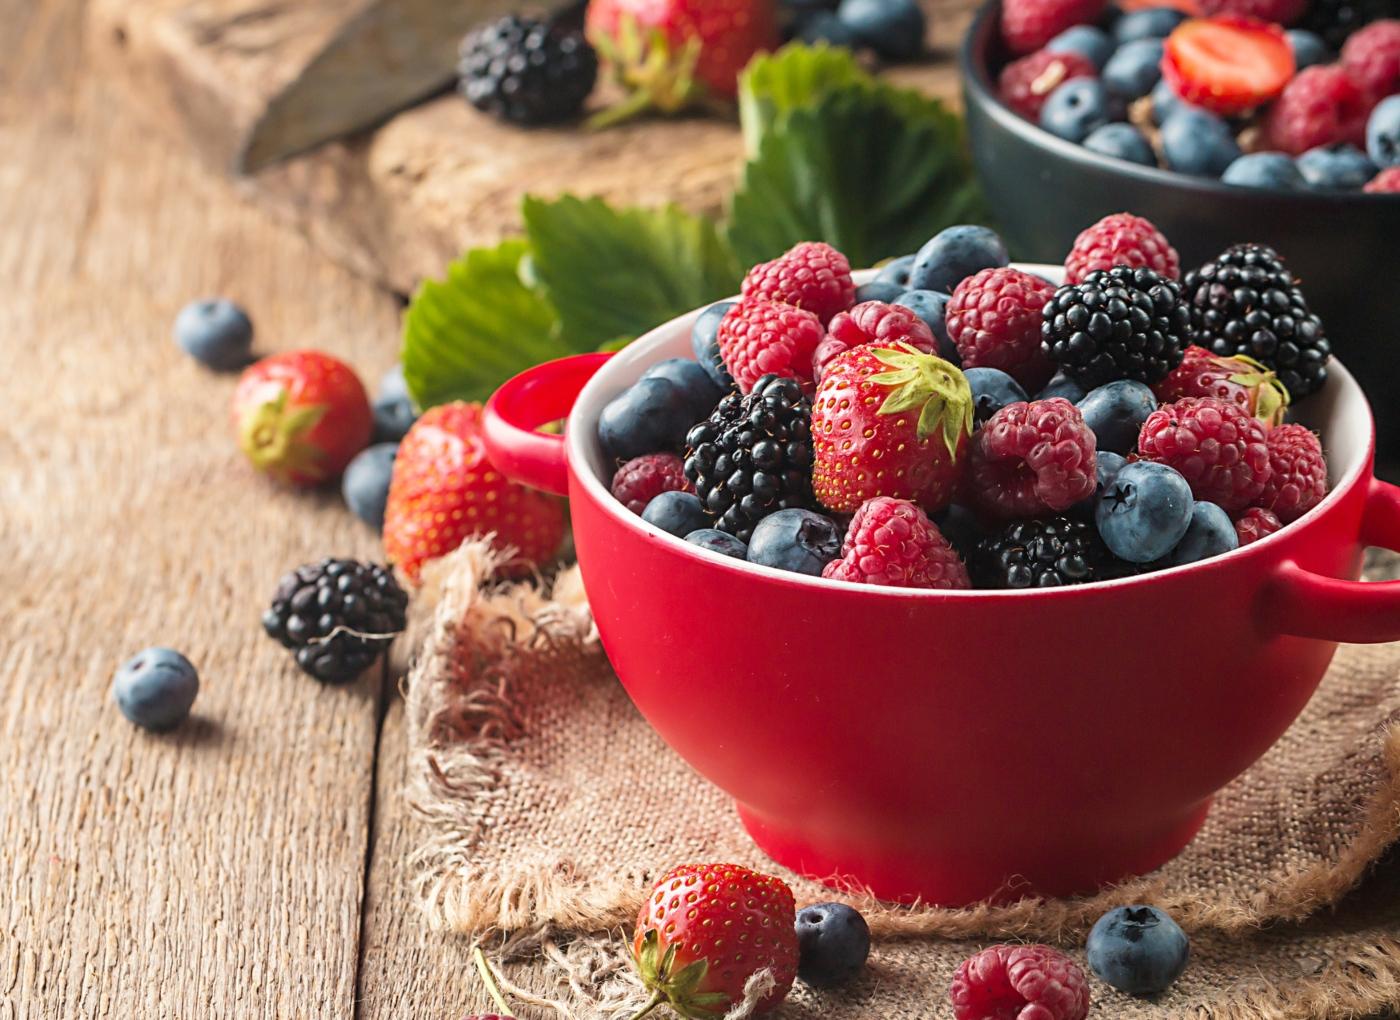 Taça com frutos silvestres